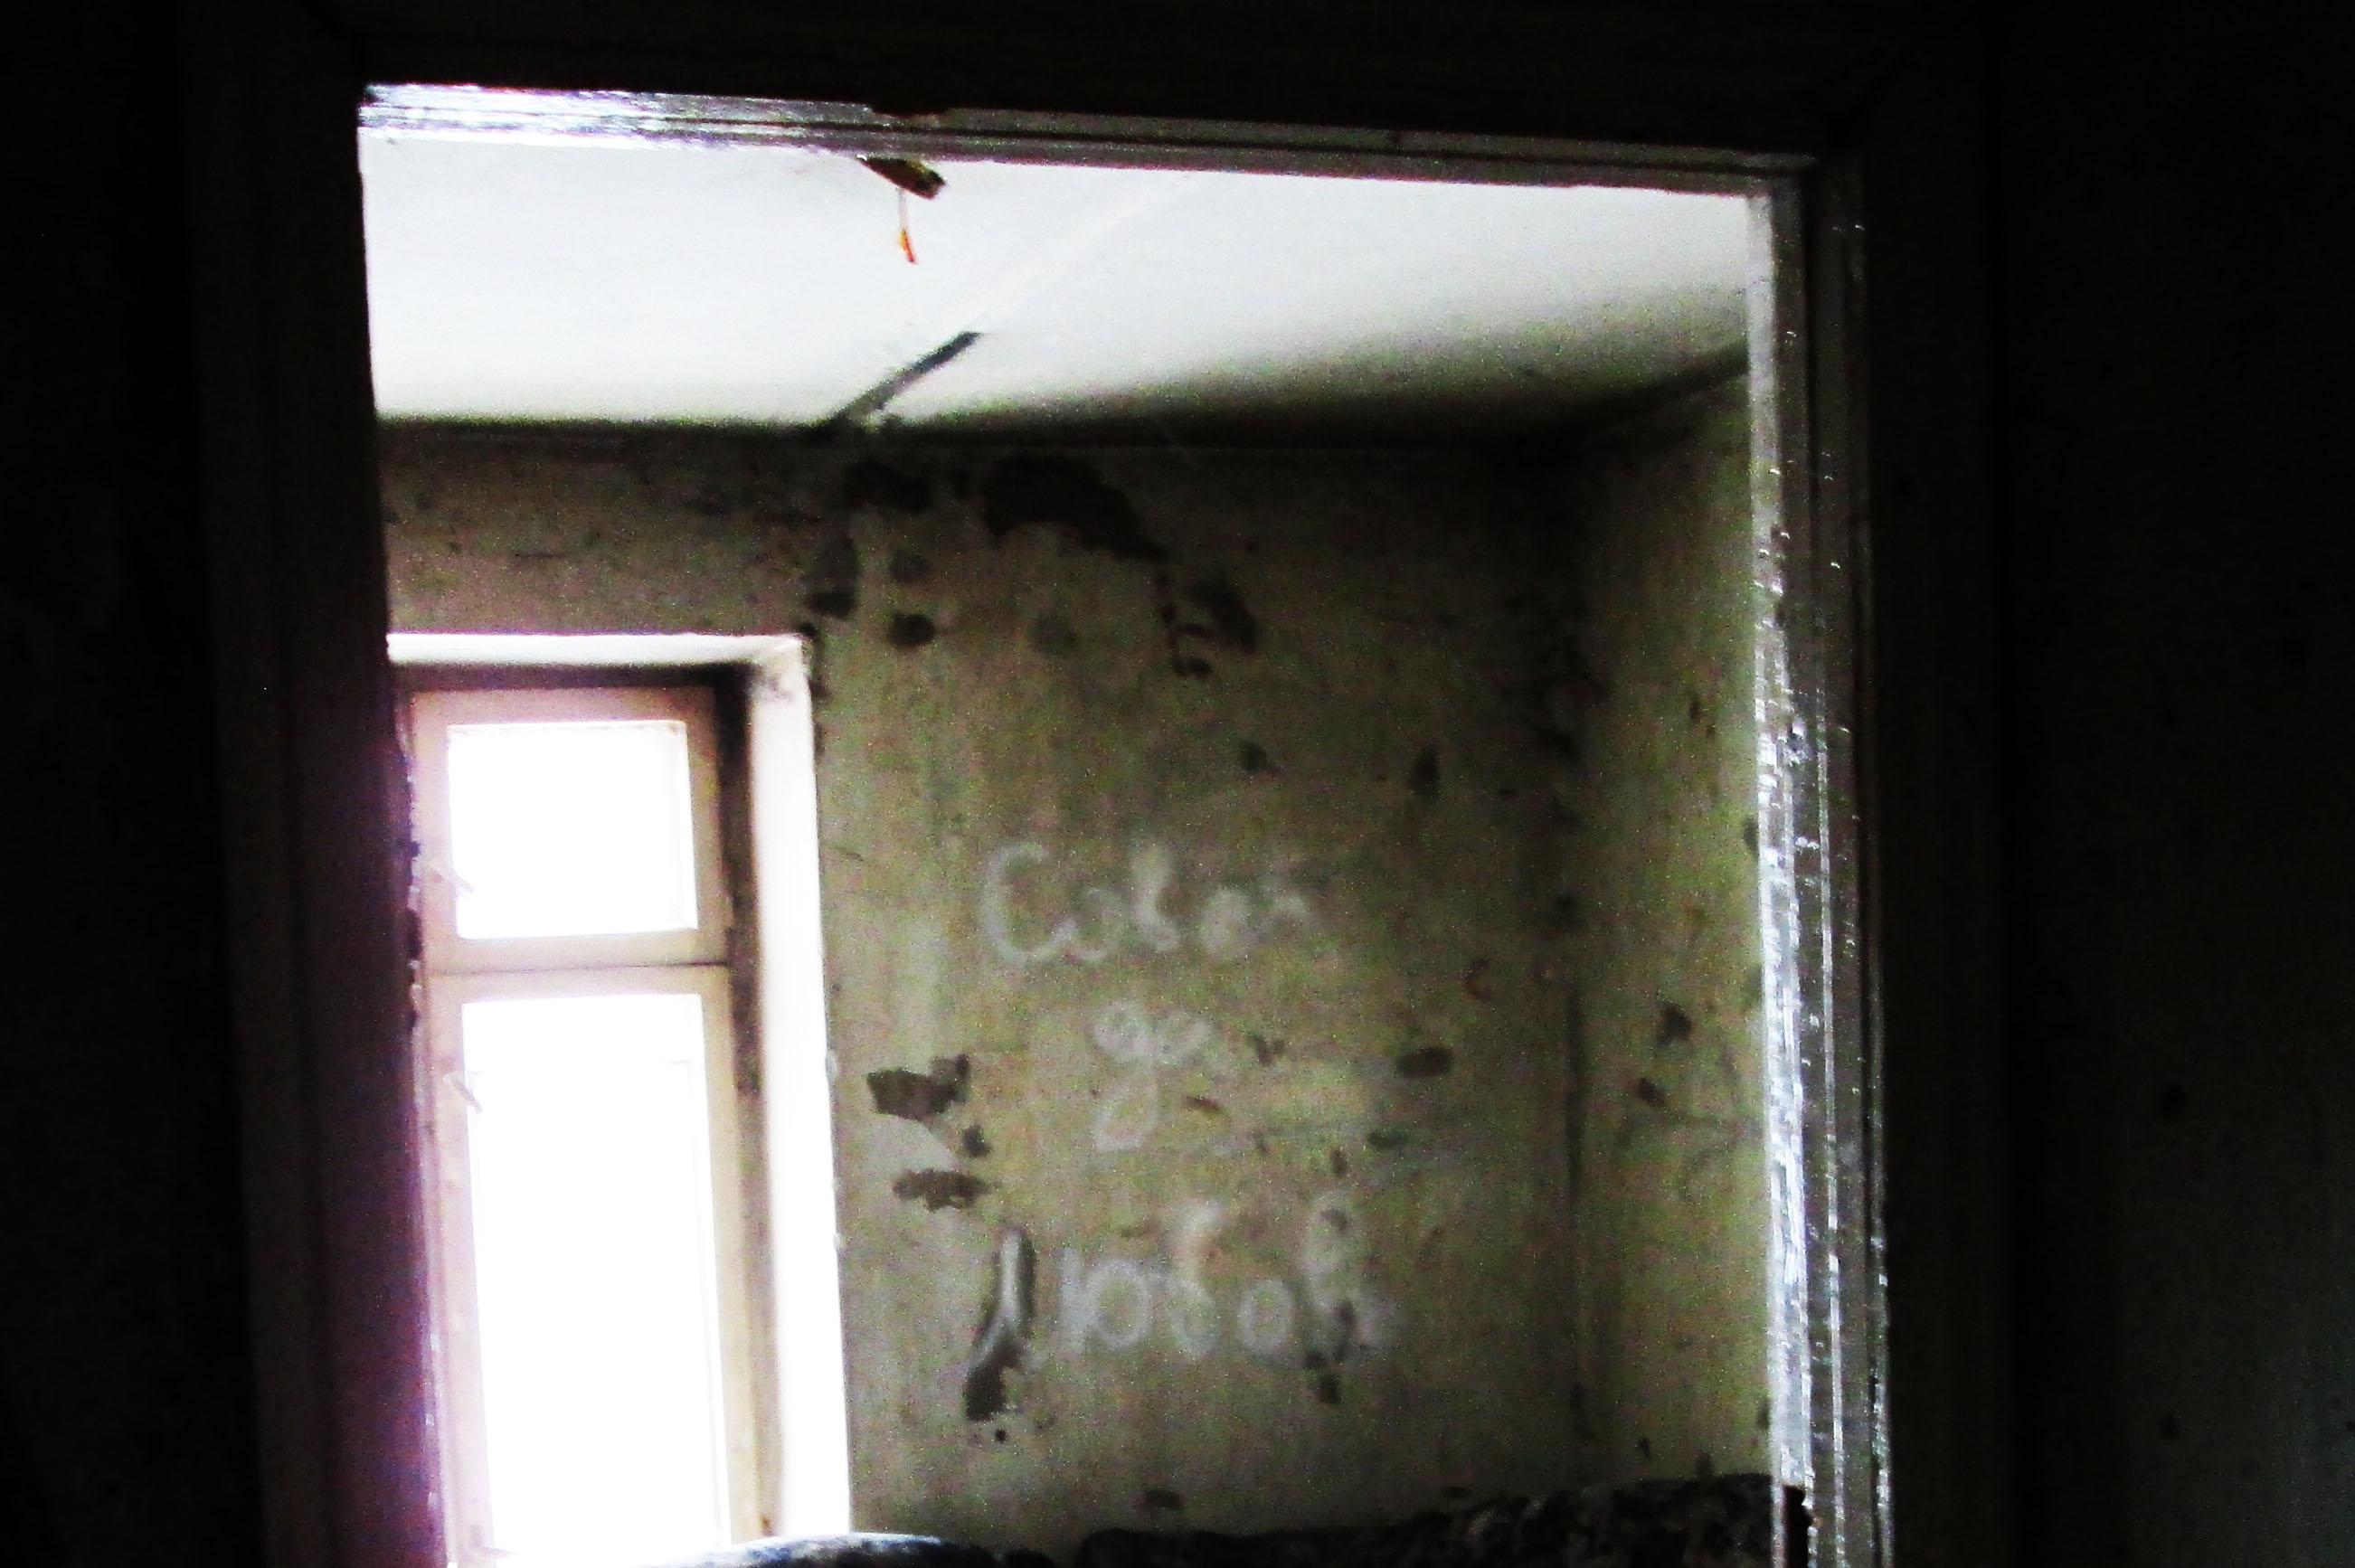 ищу схему на телевизор tomsk недвижимость